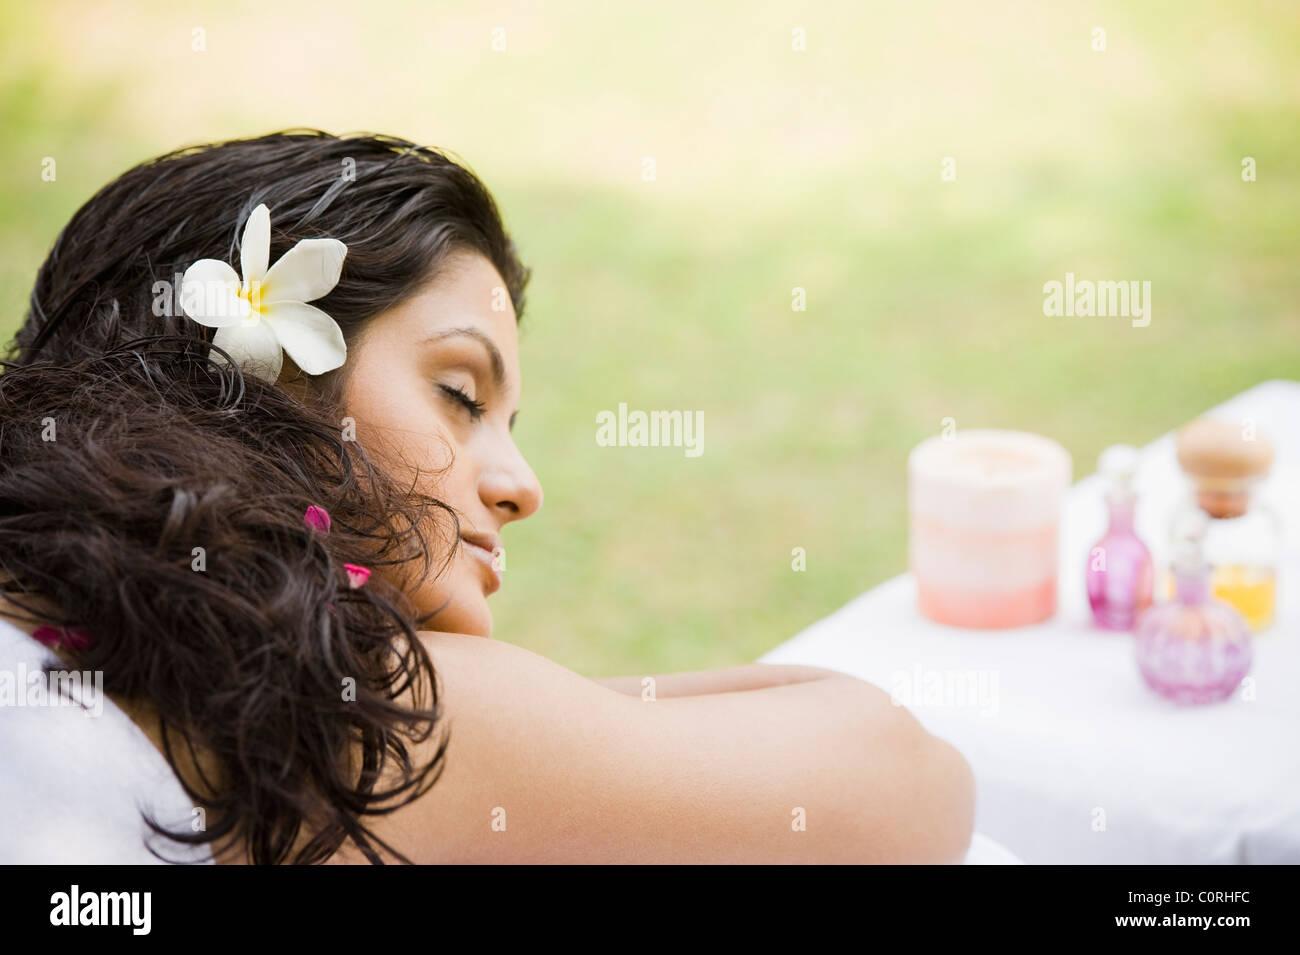 Mujer recibiendo tratamiento spa Imagen De Stock